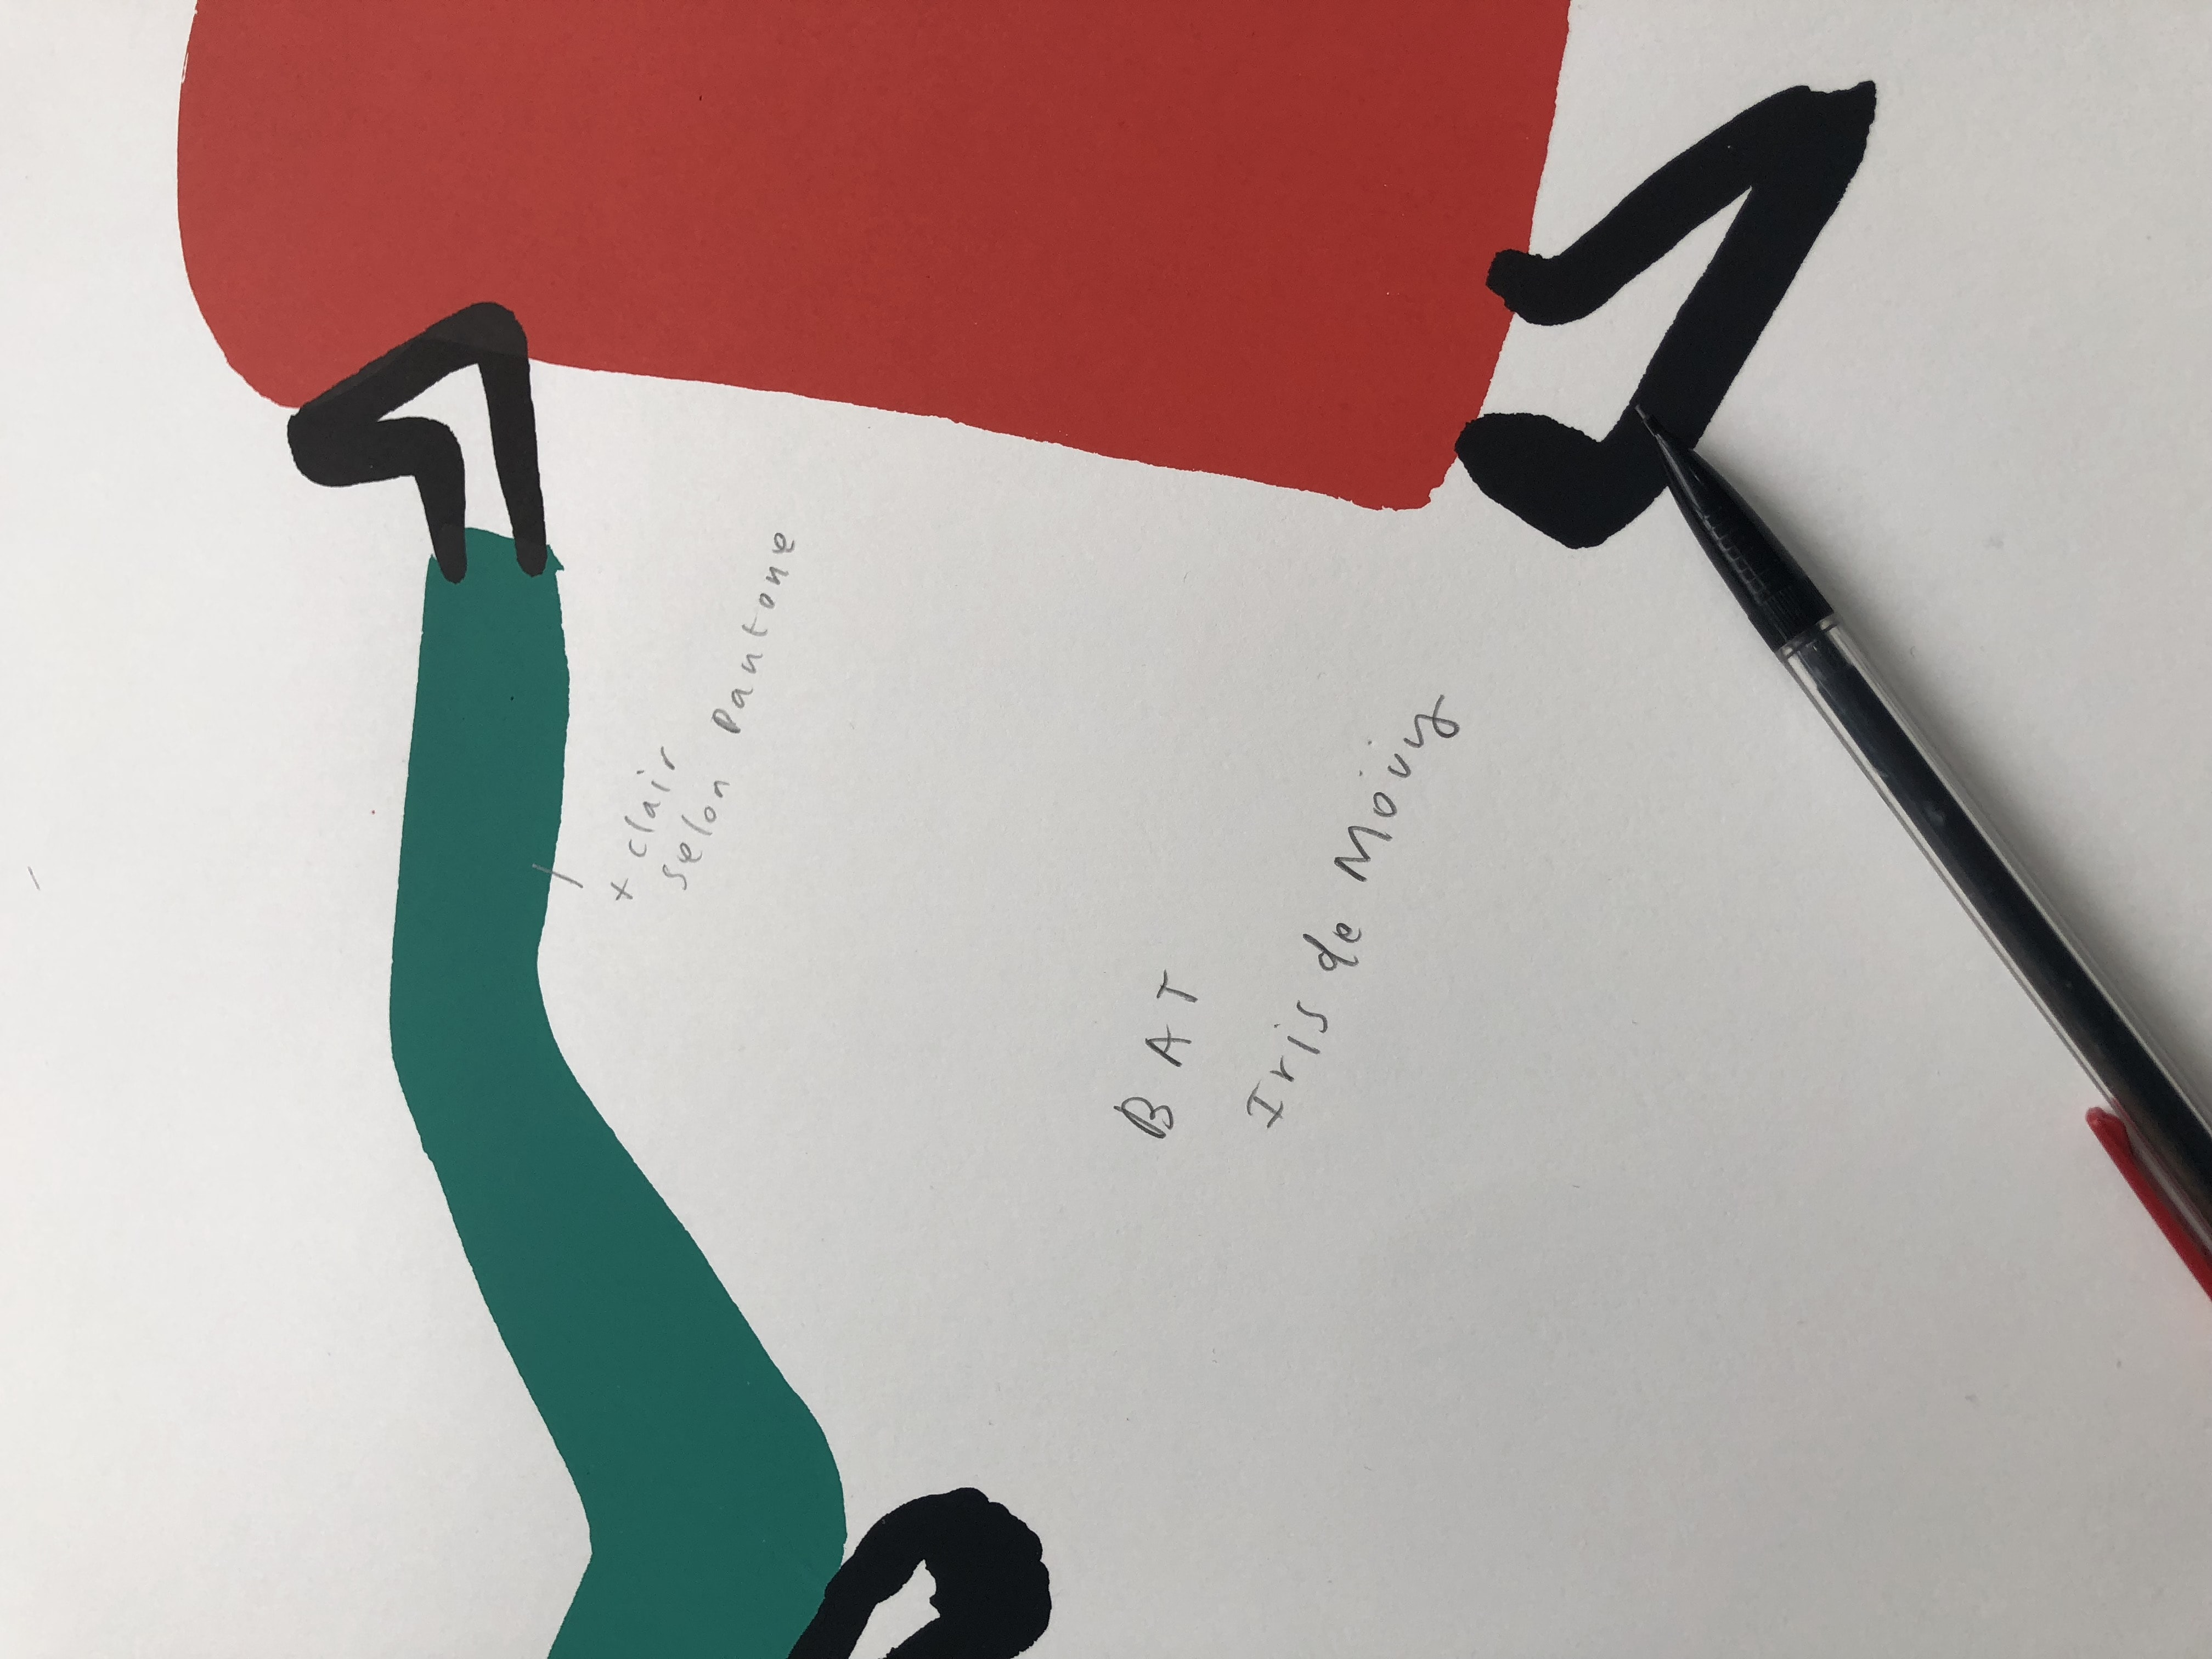 Iris-de-mouy-serigraphie-equilibrium-atelier-fwells